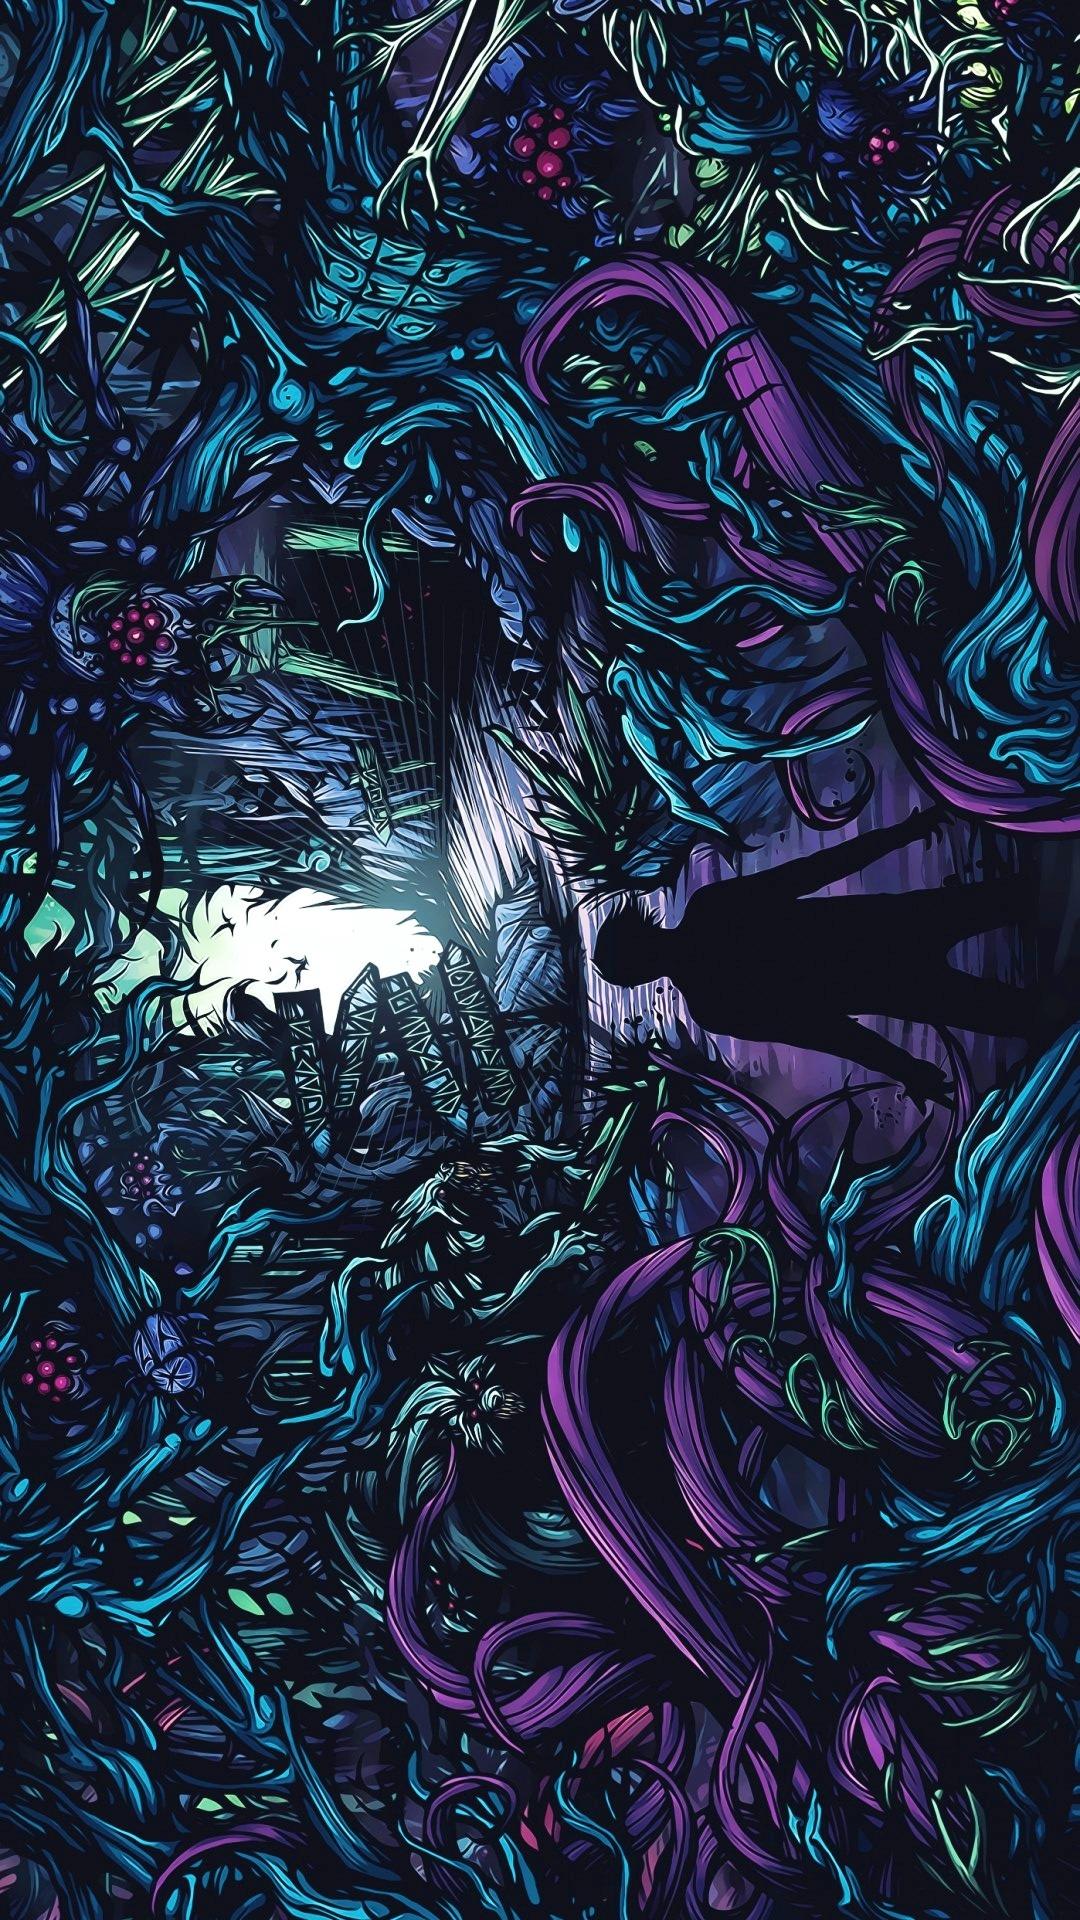 Adtr Homesick Album Cover wwwgalleryhipcom   The 1080x1920